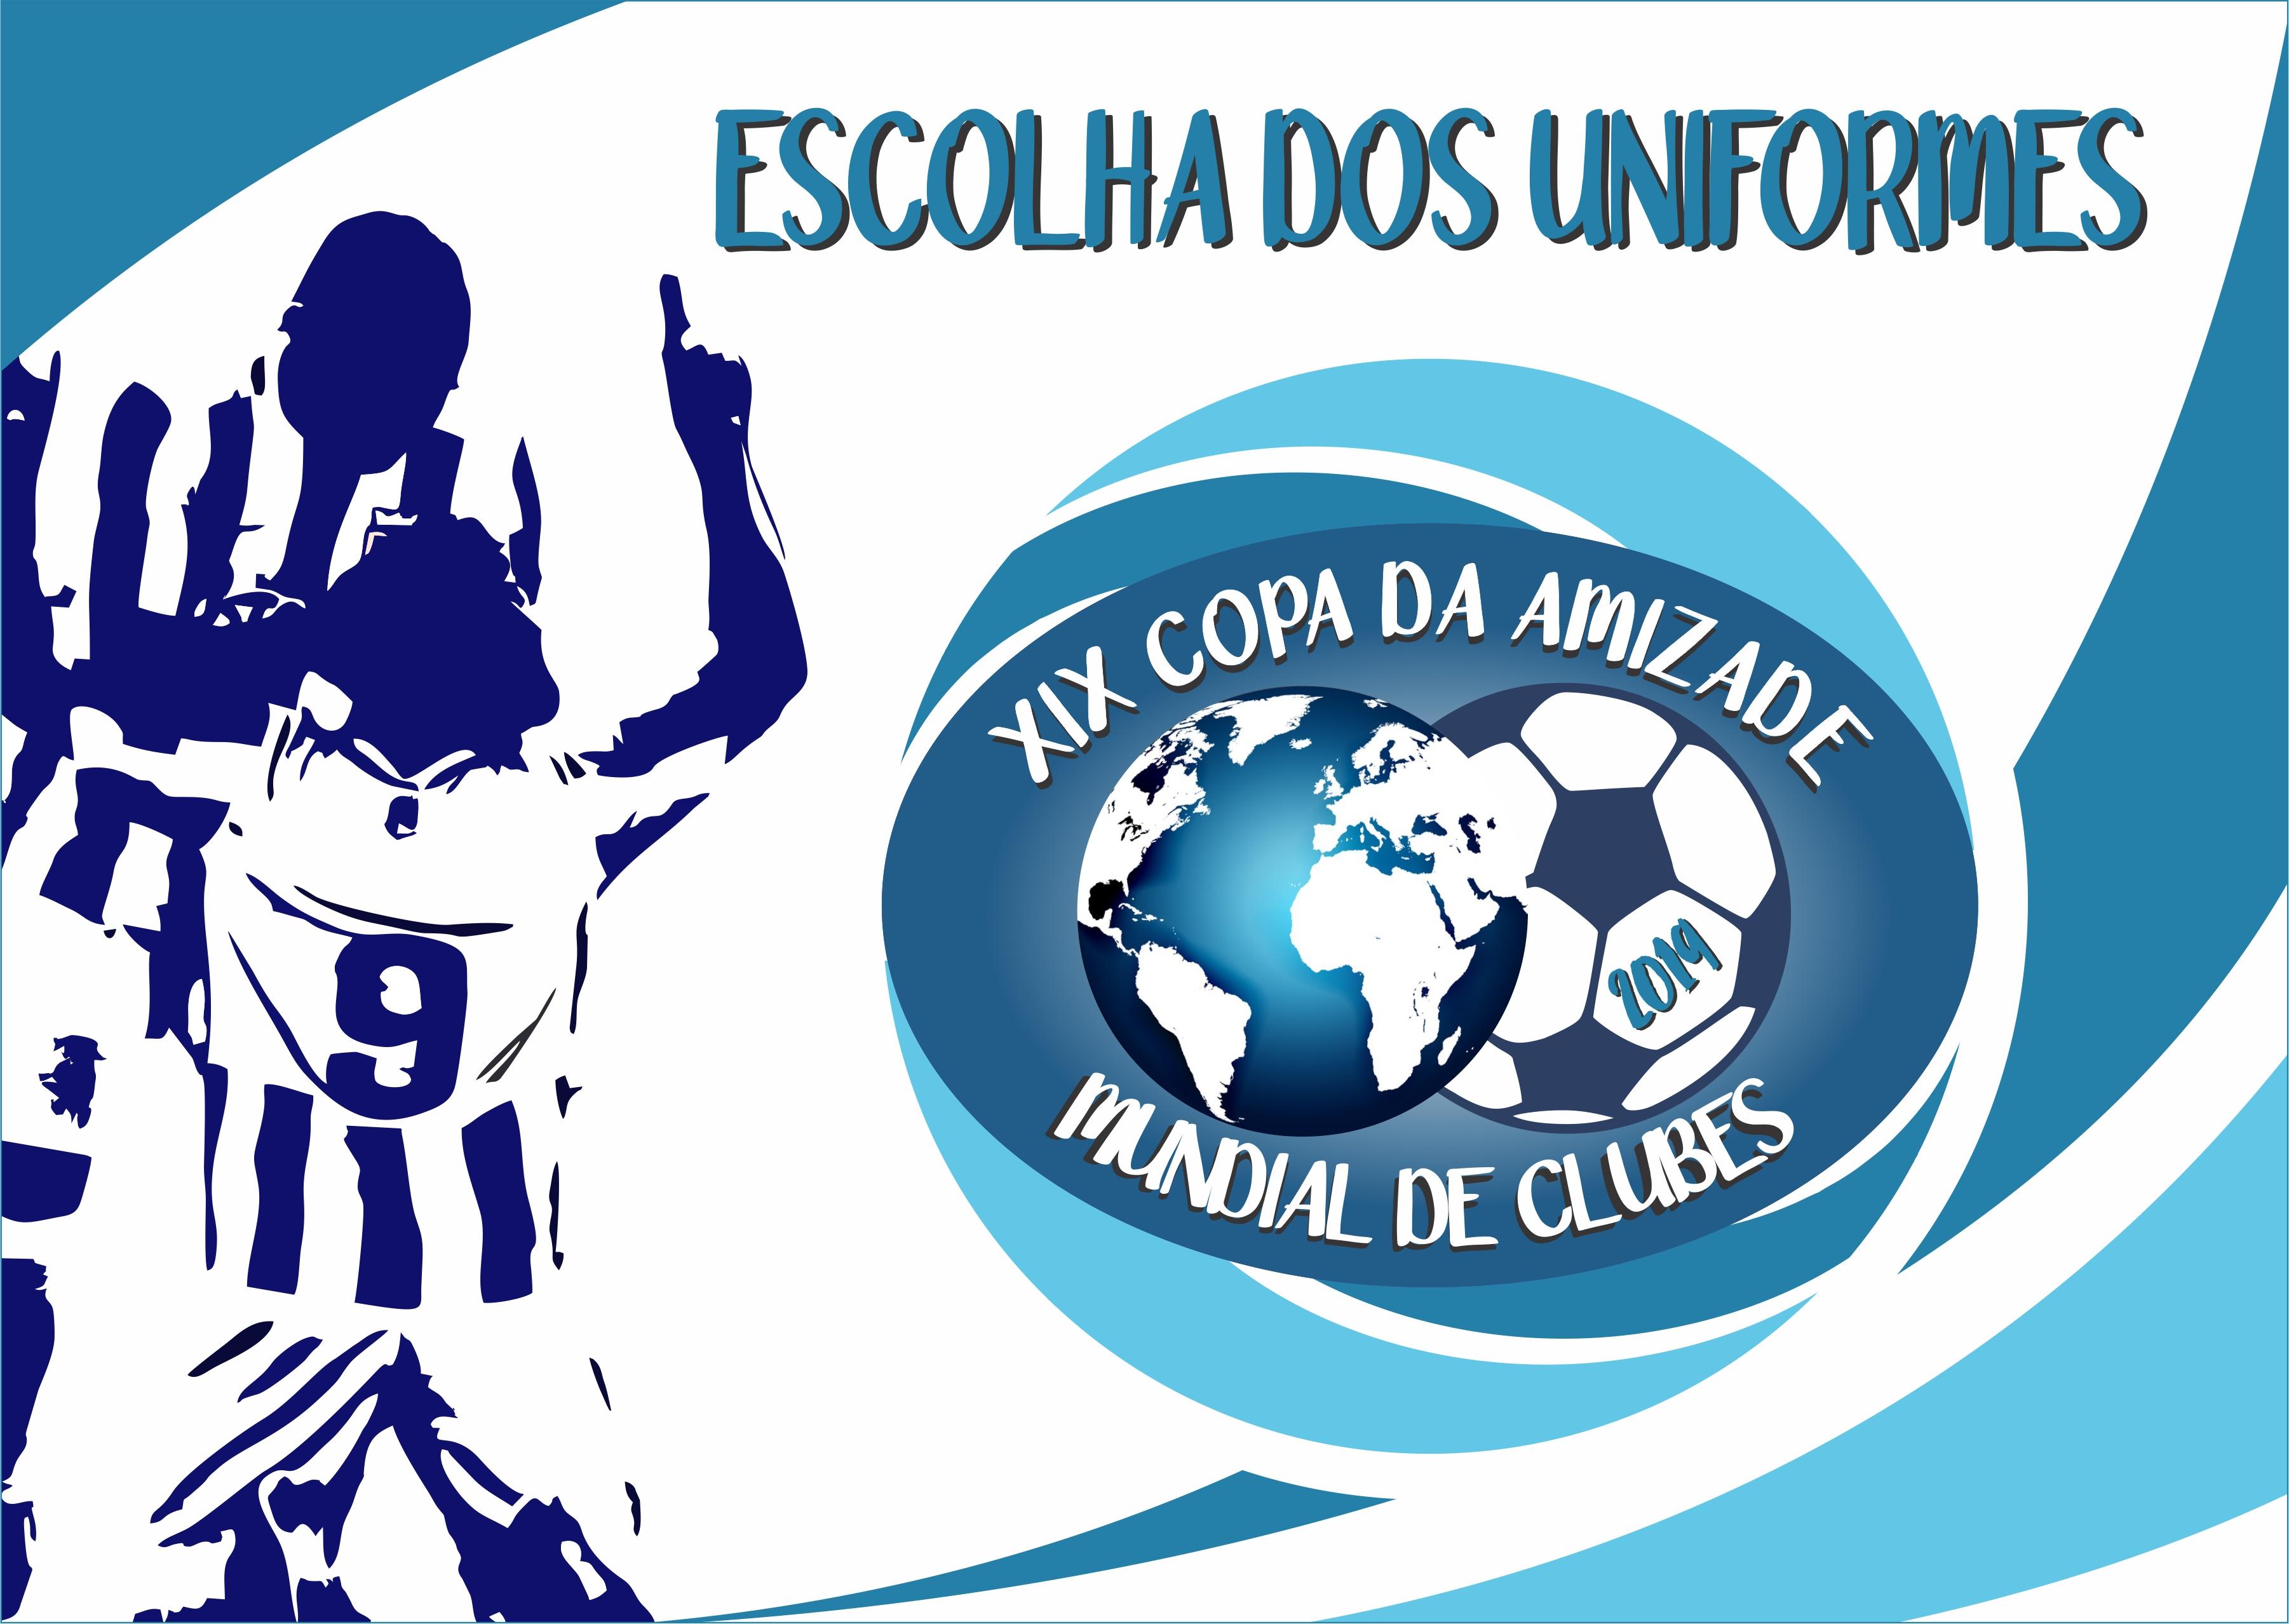 Chamada 2 para uniformes - XIX COPA DA AMIZADE 2019